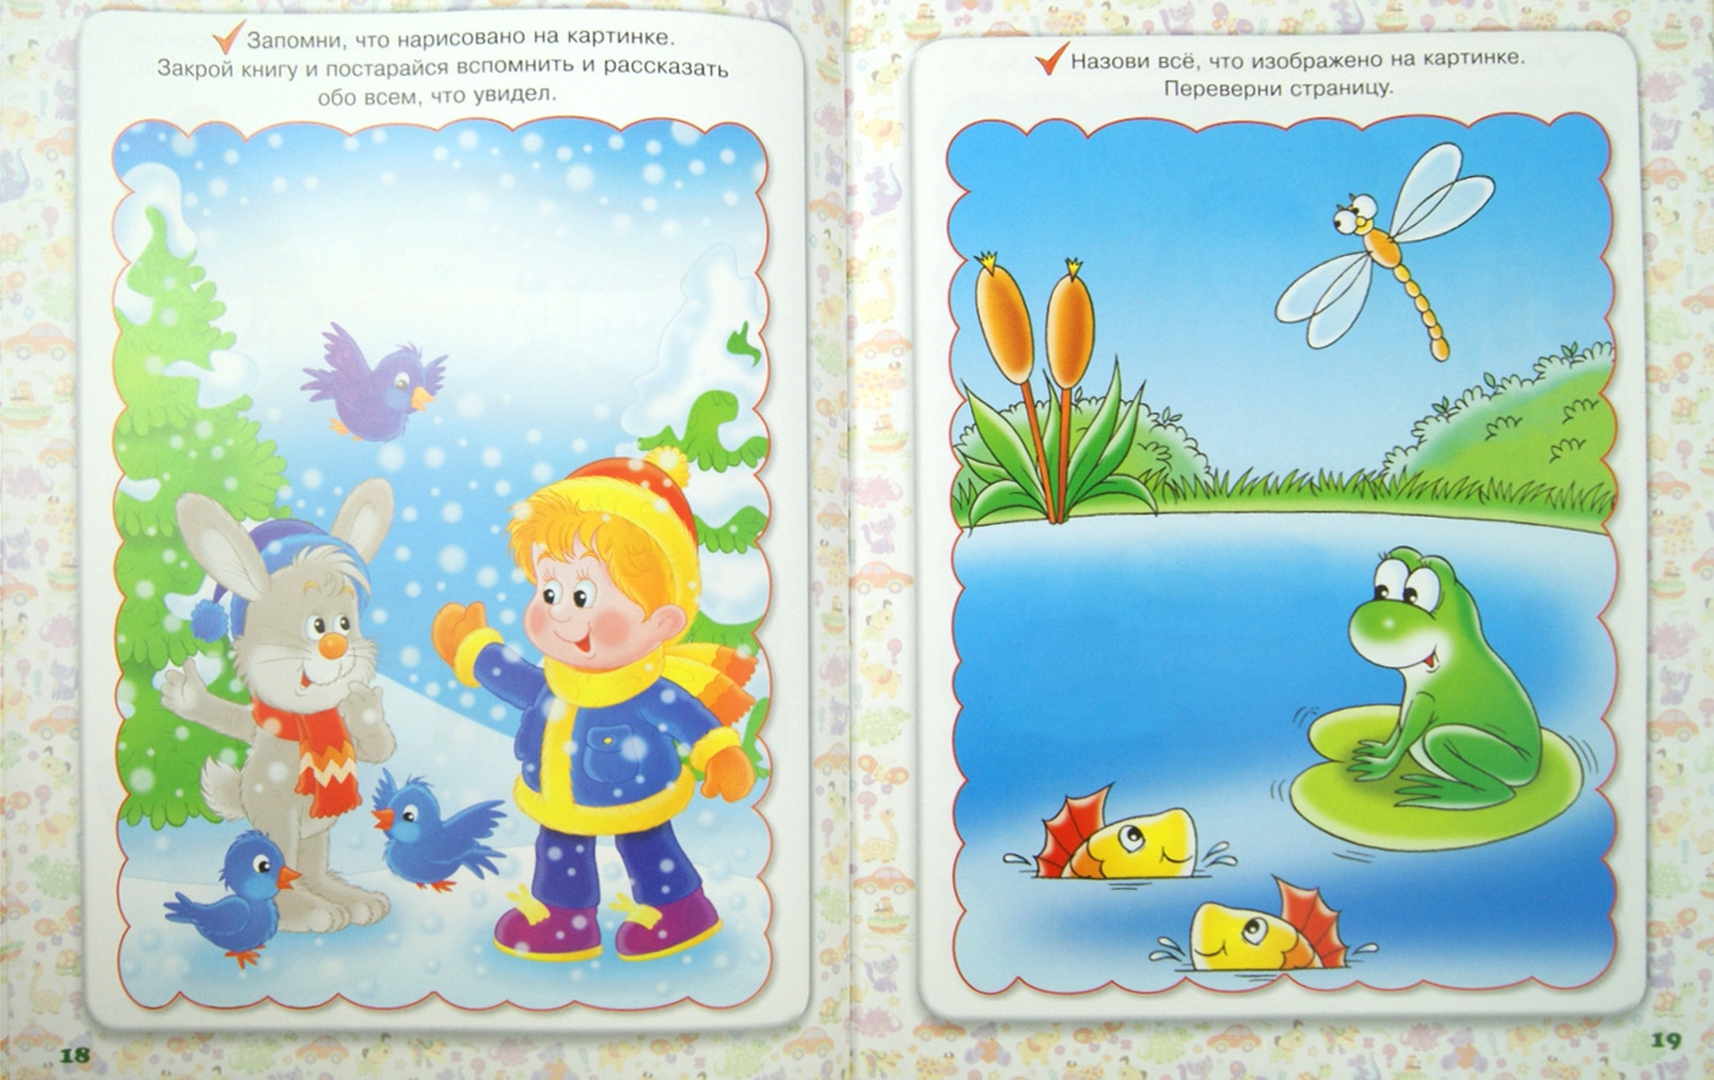 Иллюстрация 1 из 9 для Развиваем память и мышление. Пособие для занятий с детьми 4-5 лет - Гаврина, Топоркова, Кутявина | Лабиринт - книги. Источник: Лабиринт